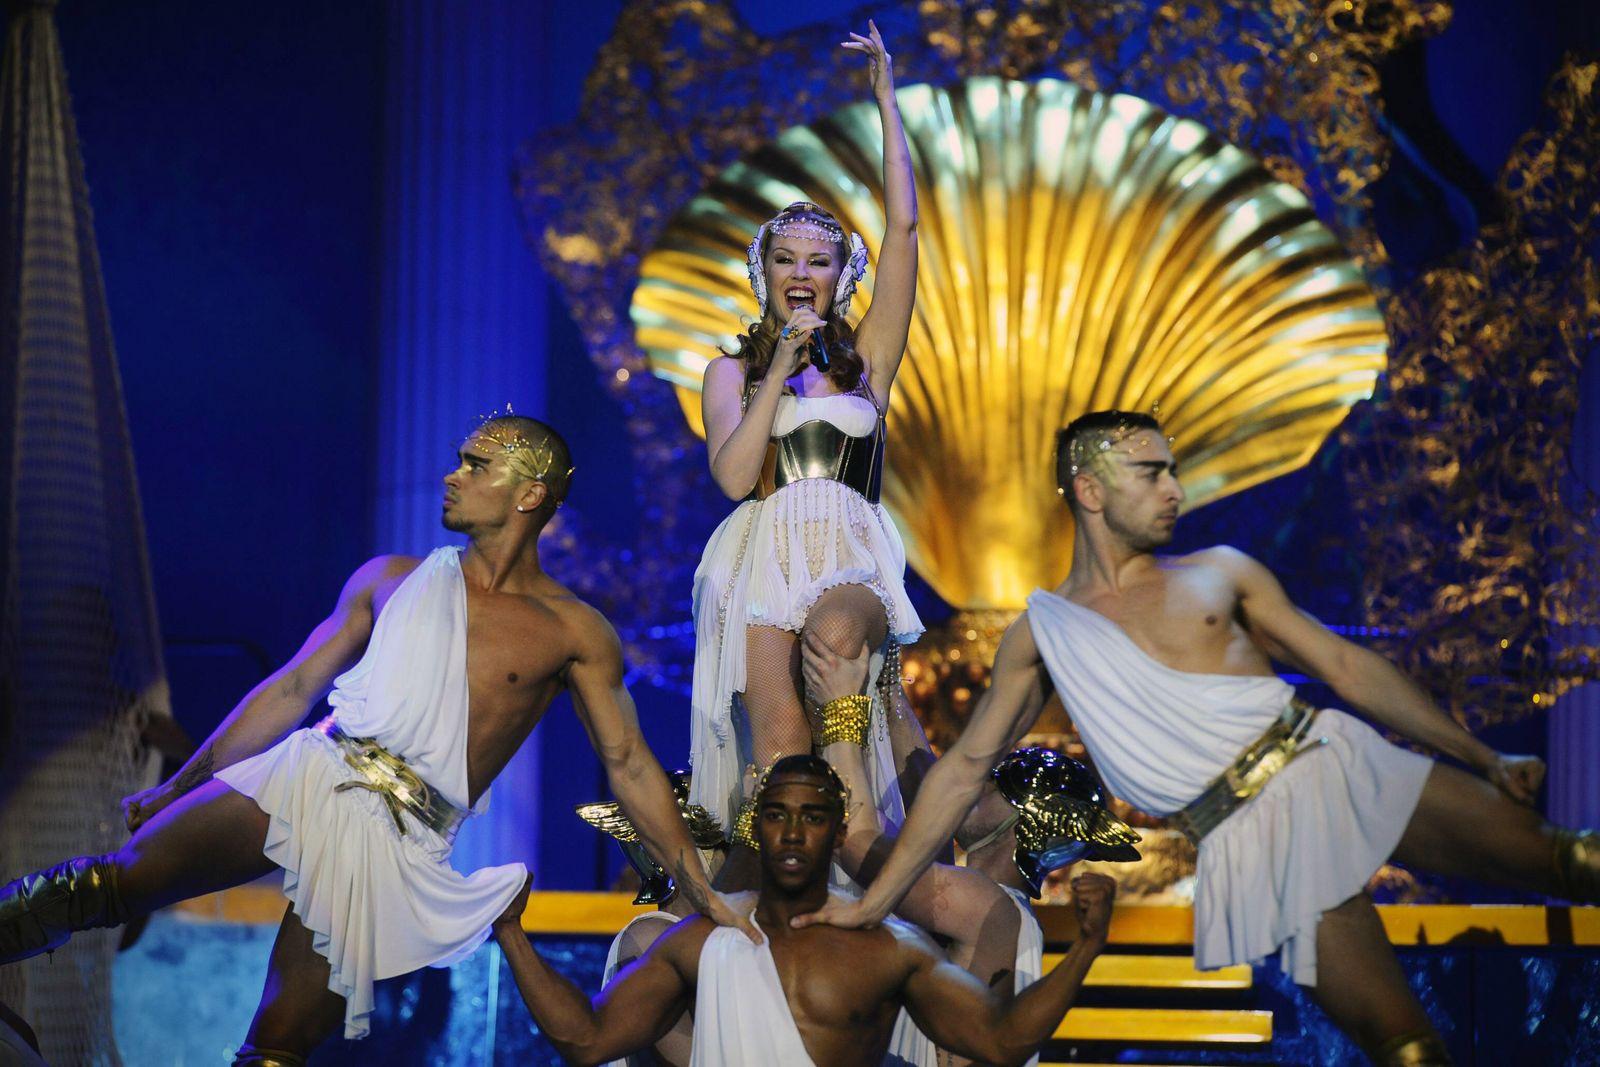 MERKSEM BELGIUM Australian singer Kylie Minogue performs on the stage of Antwerp Sportpaleis p